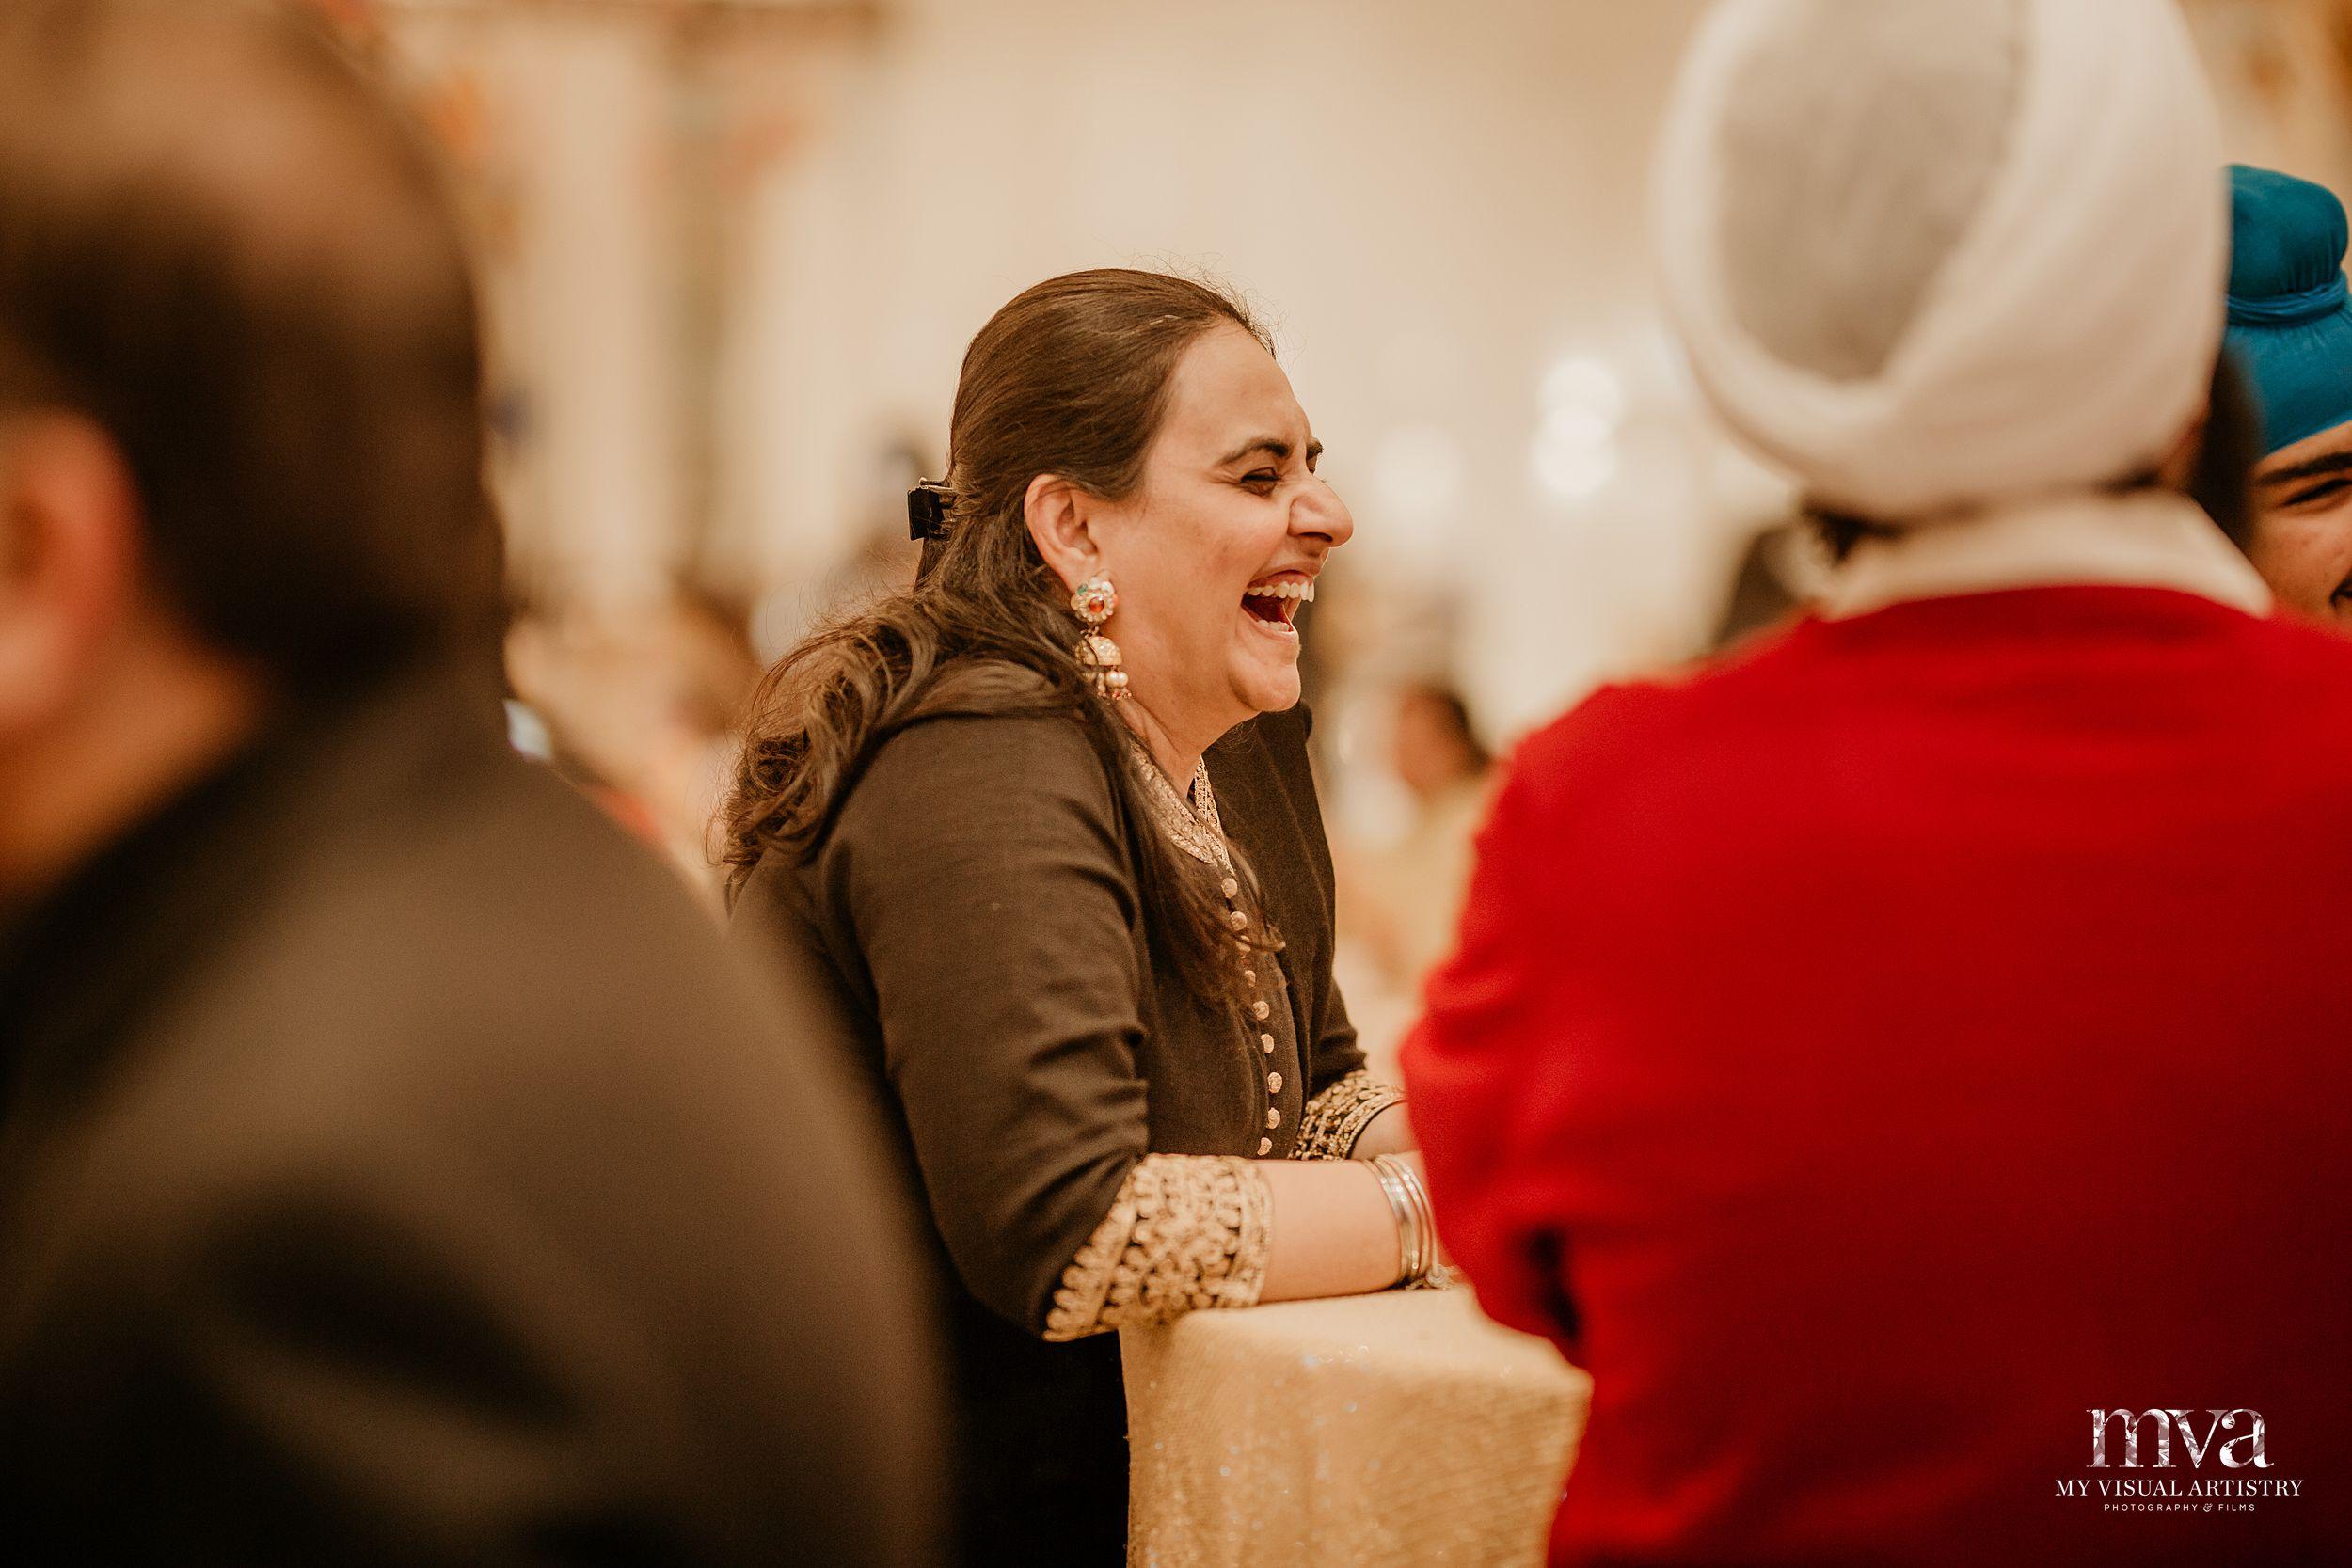 anant_arundhati_myvisualartistry_mva_wedding_sikh_ - 101.jpg